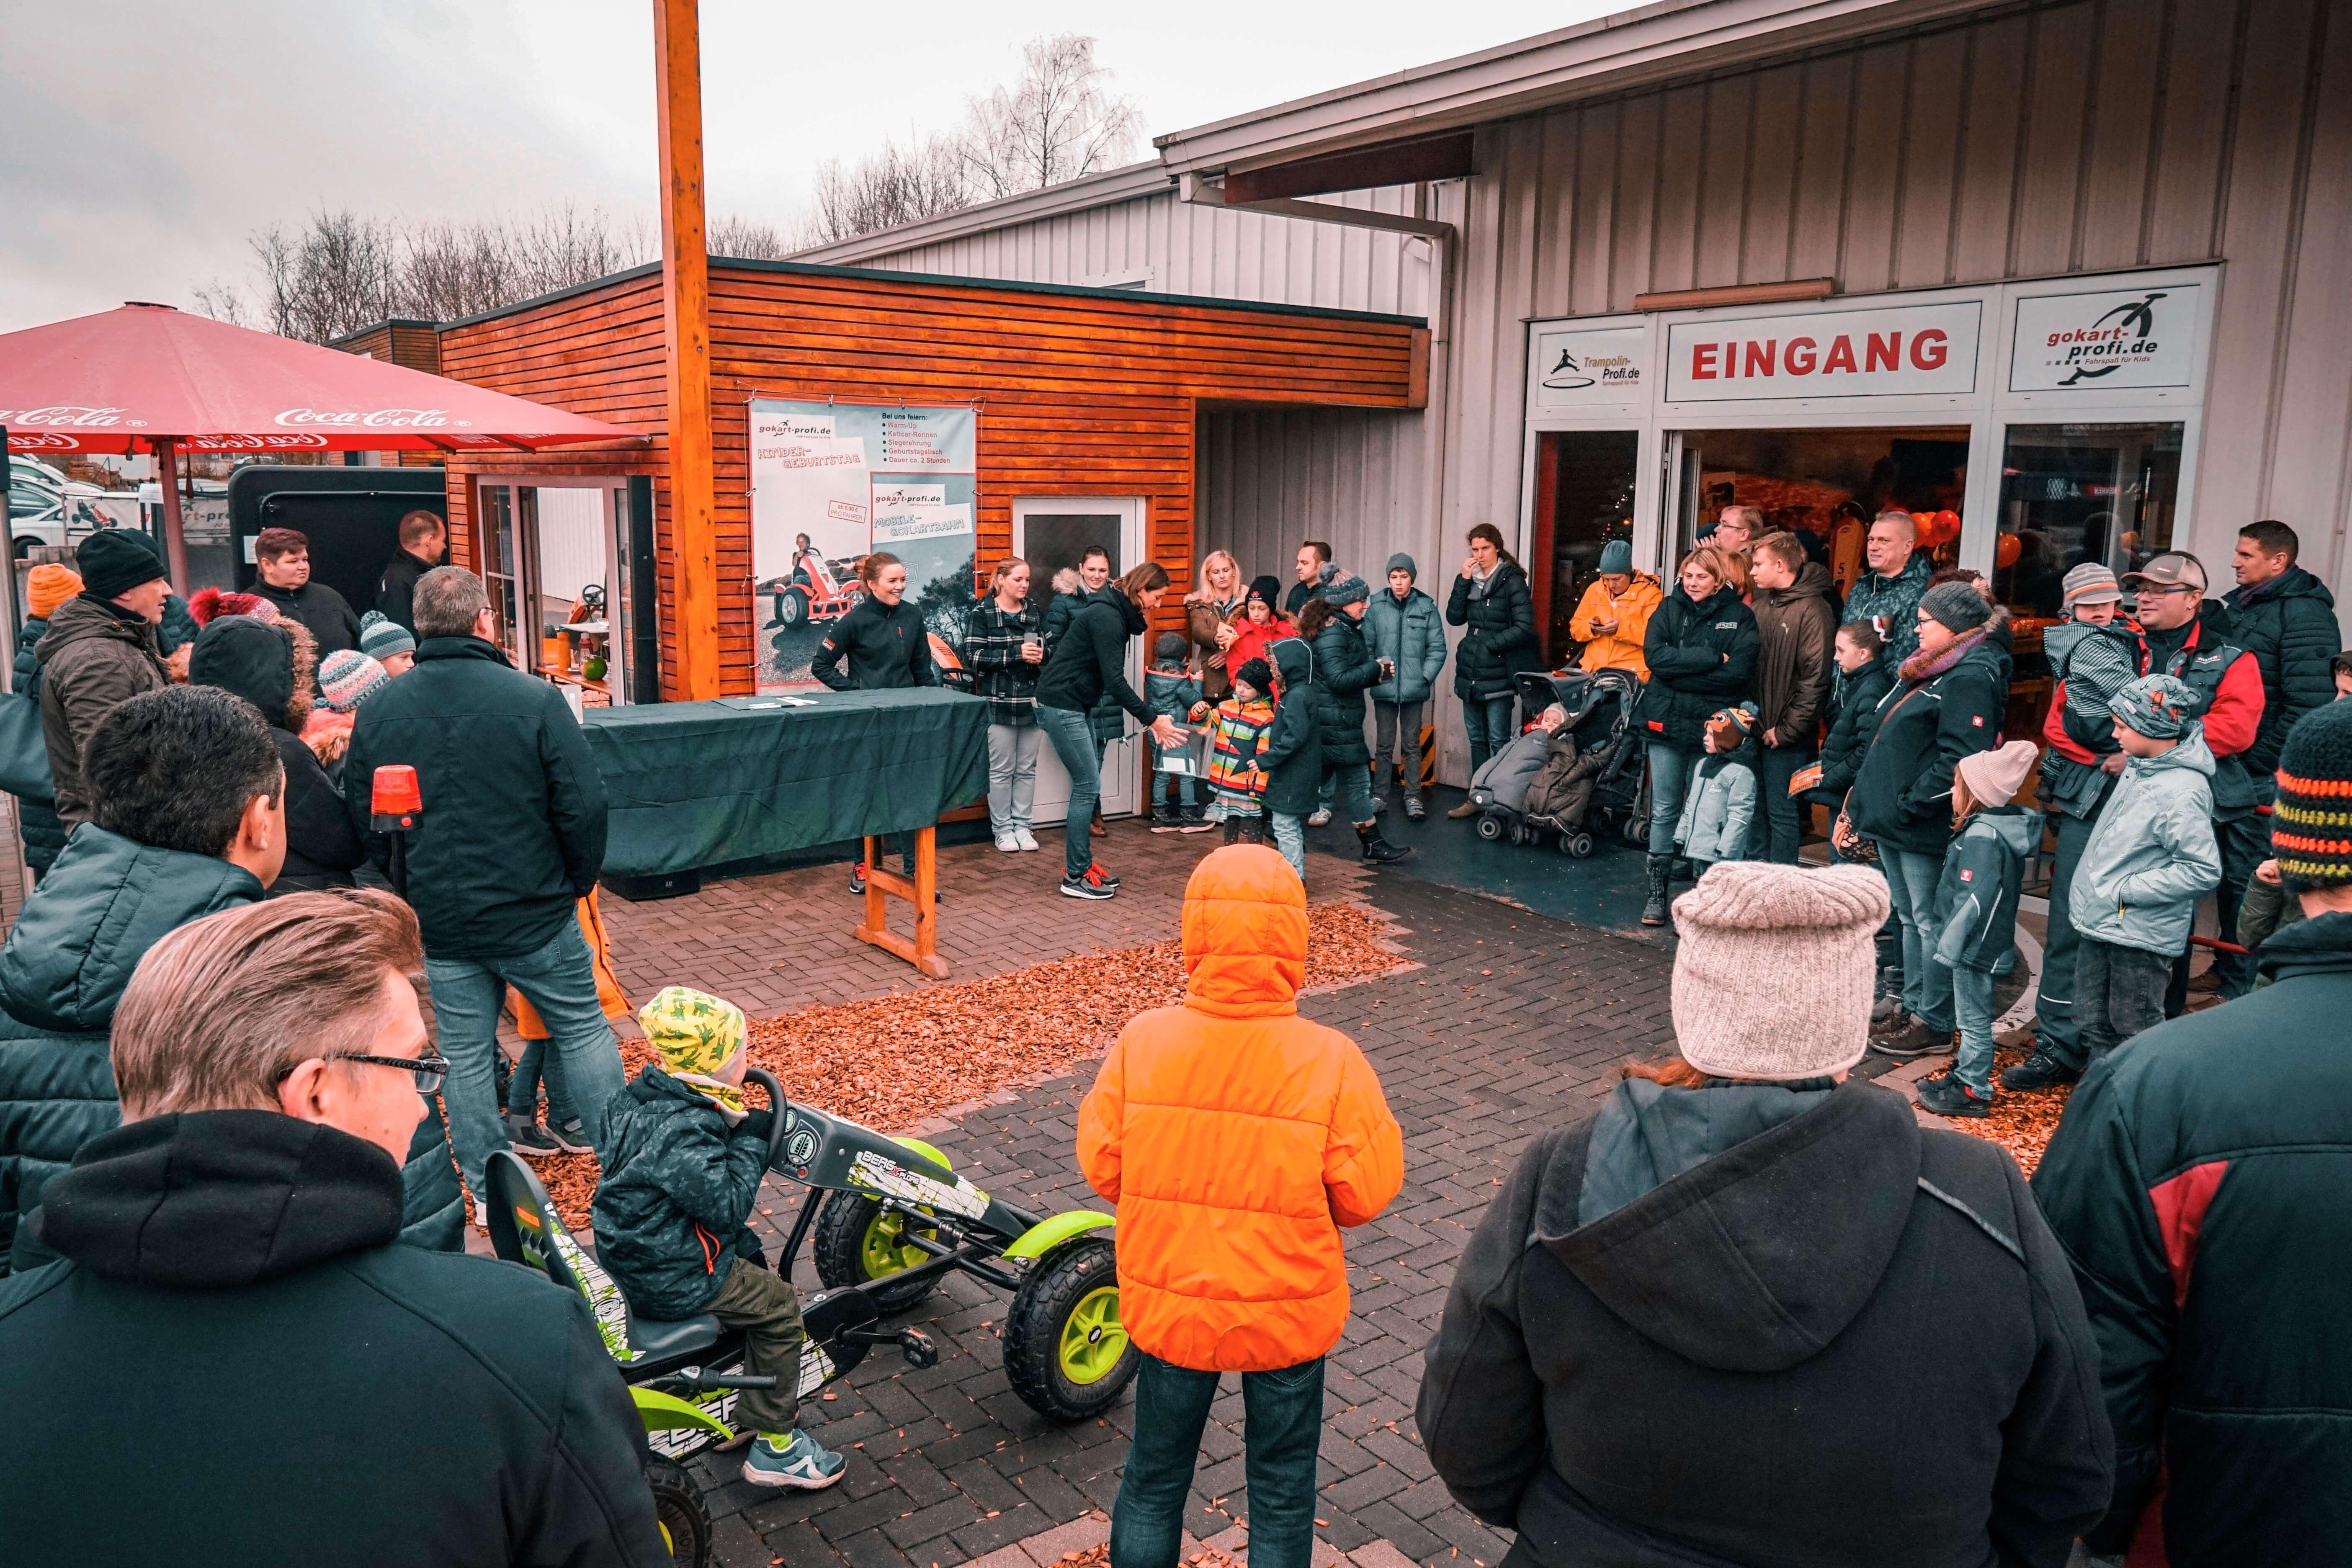 Viele Gewinne beim Gokart Profi Weihnachtslagerverkauf + Hüttengaudi - 7.12.2019